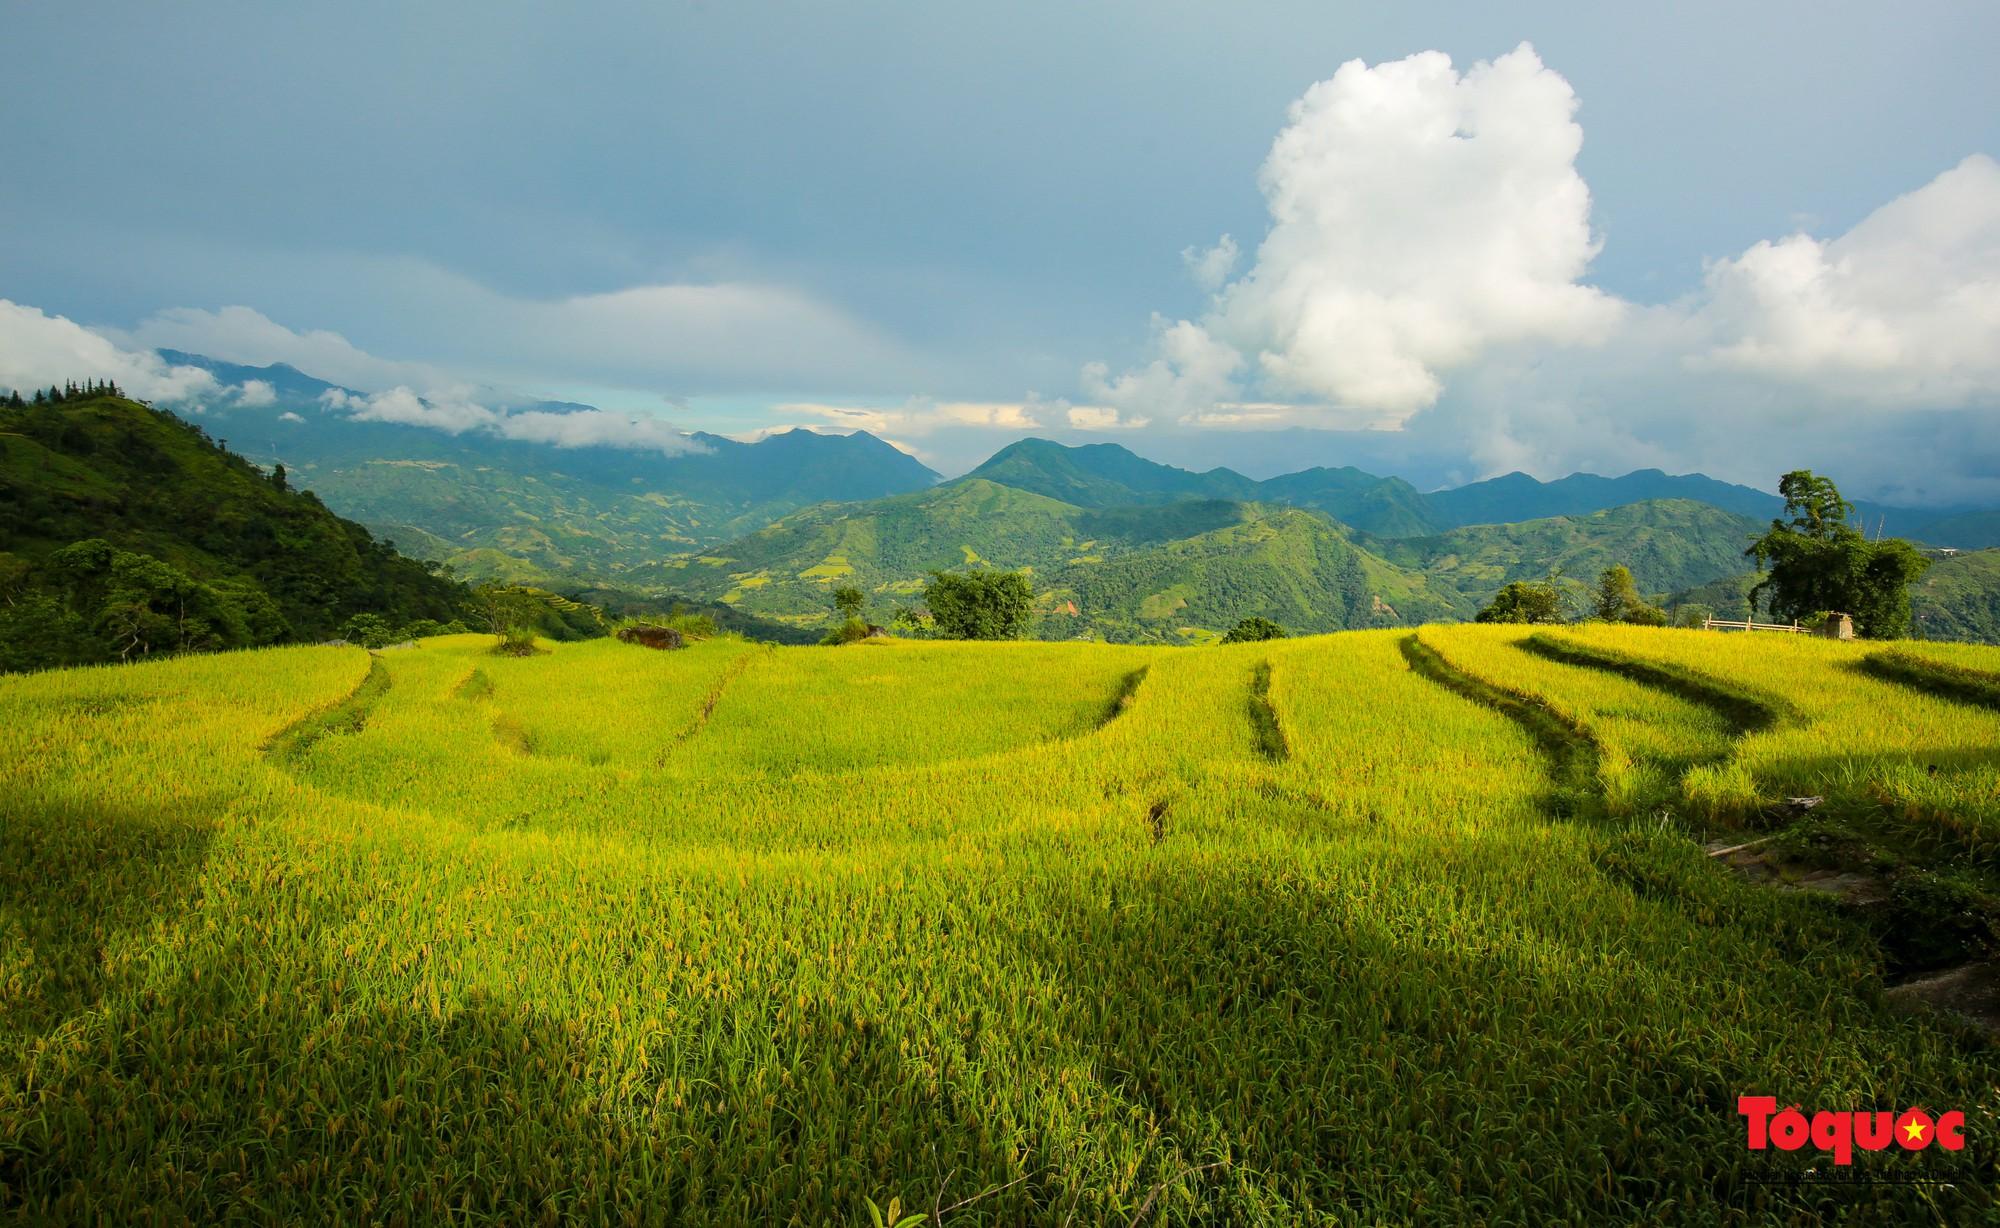 Chiêm ngưỡng vẻ đẹp ngỡ ngàng mùa lúa chín vàng của Hoàng Su Phì  - Ảnh 6.